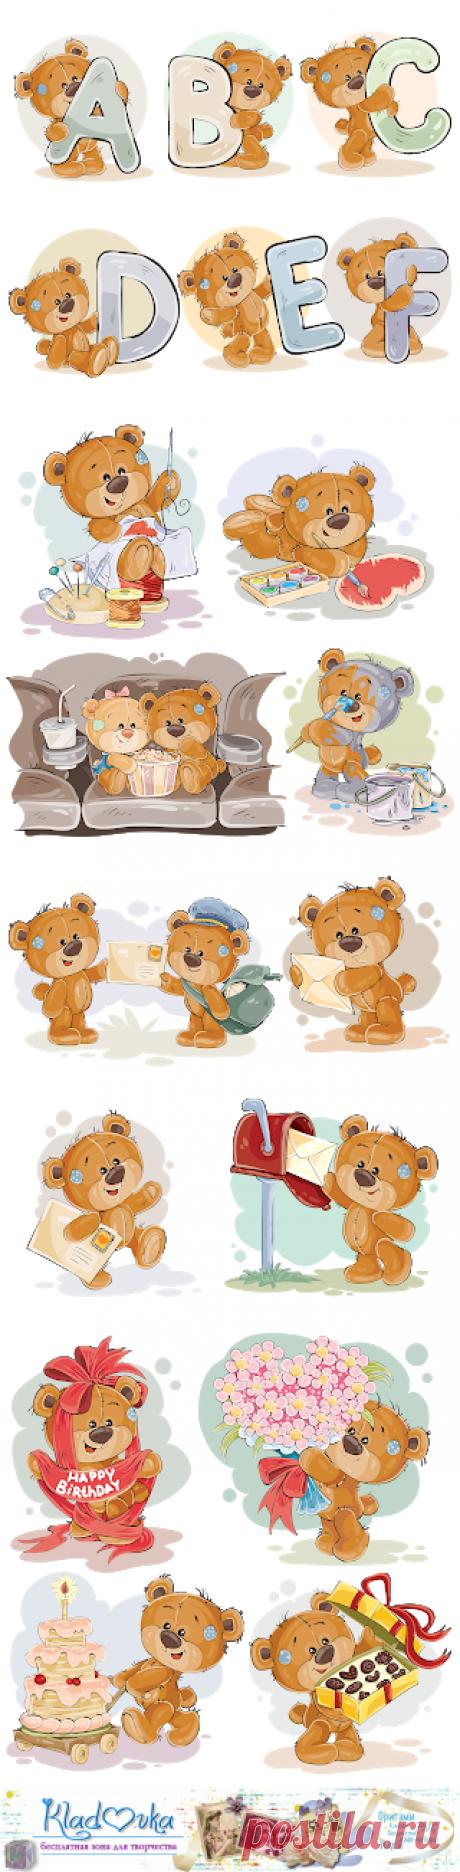 Кладовка...: Серия мишек на прозрачном фоне